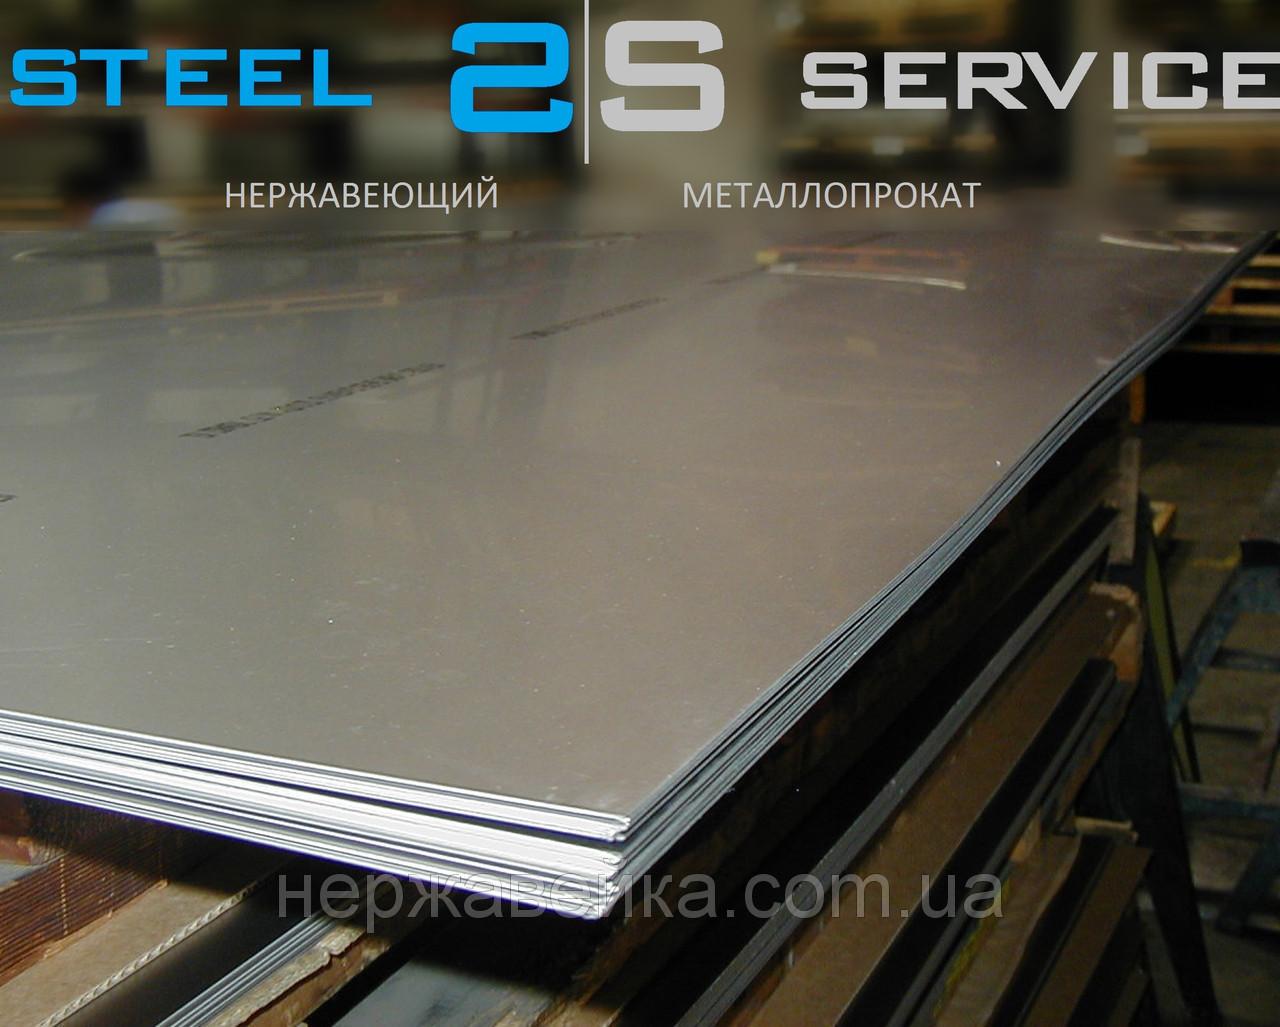 Нержавіючий лист 0,8х1250х2500мм AISI 316L(03Х17Н14М3) BA - дзеркало, кислотостійкий